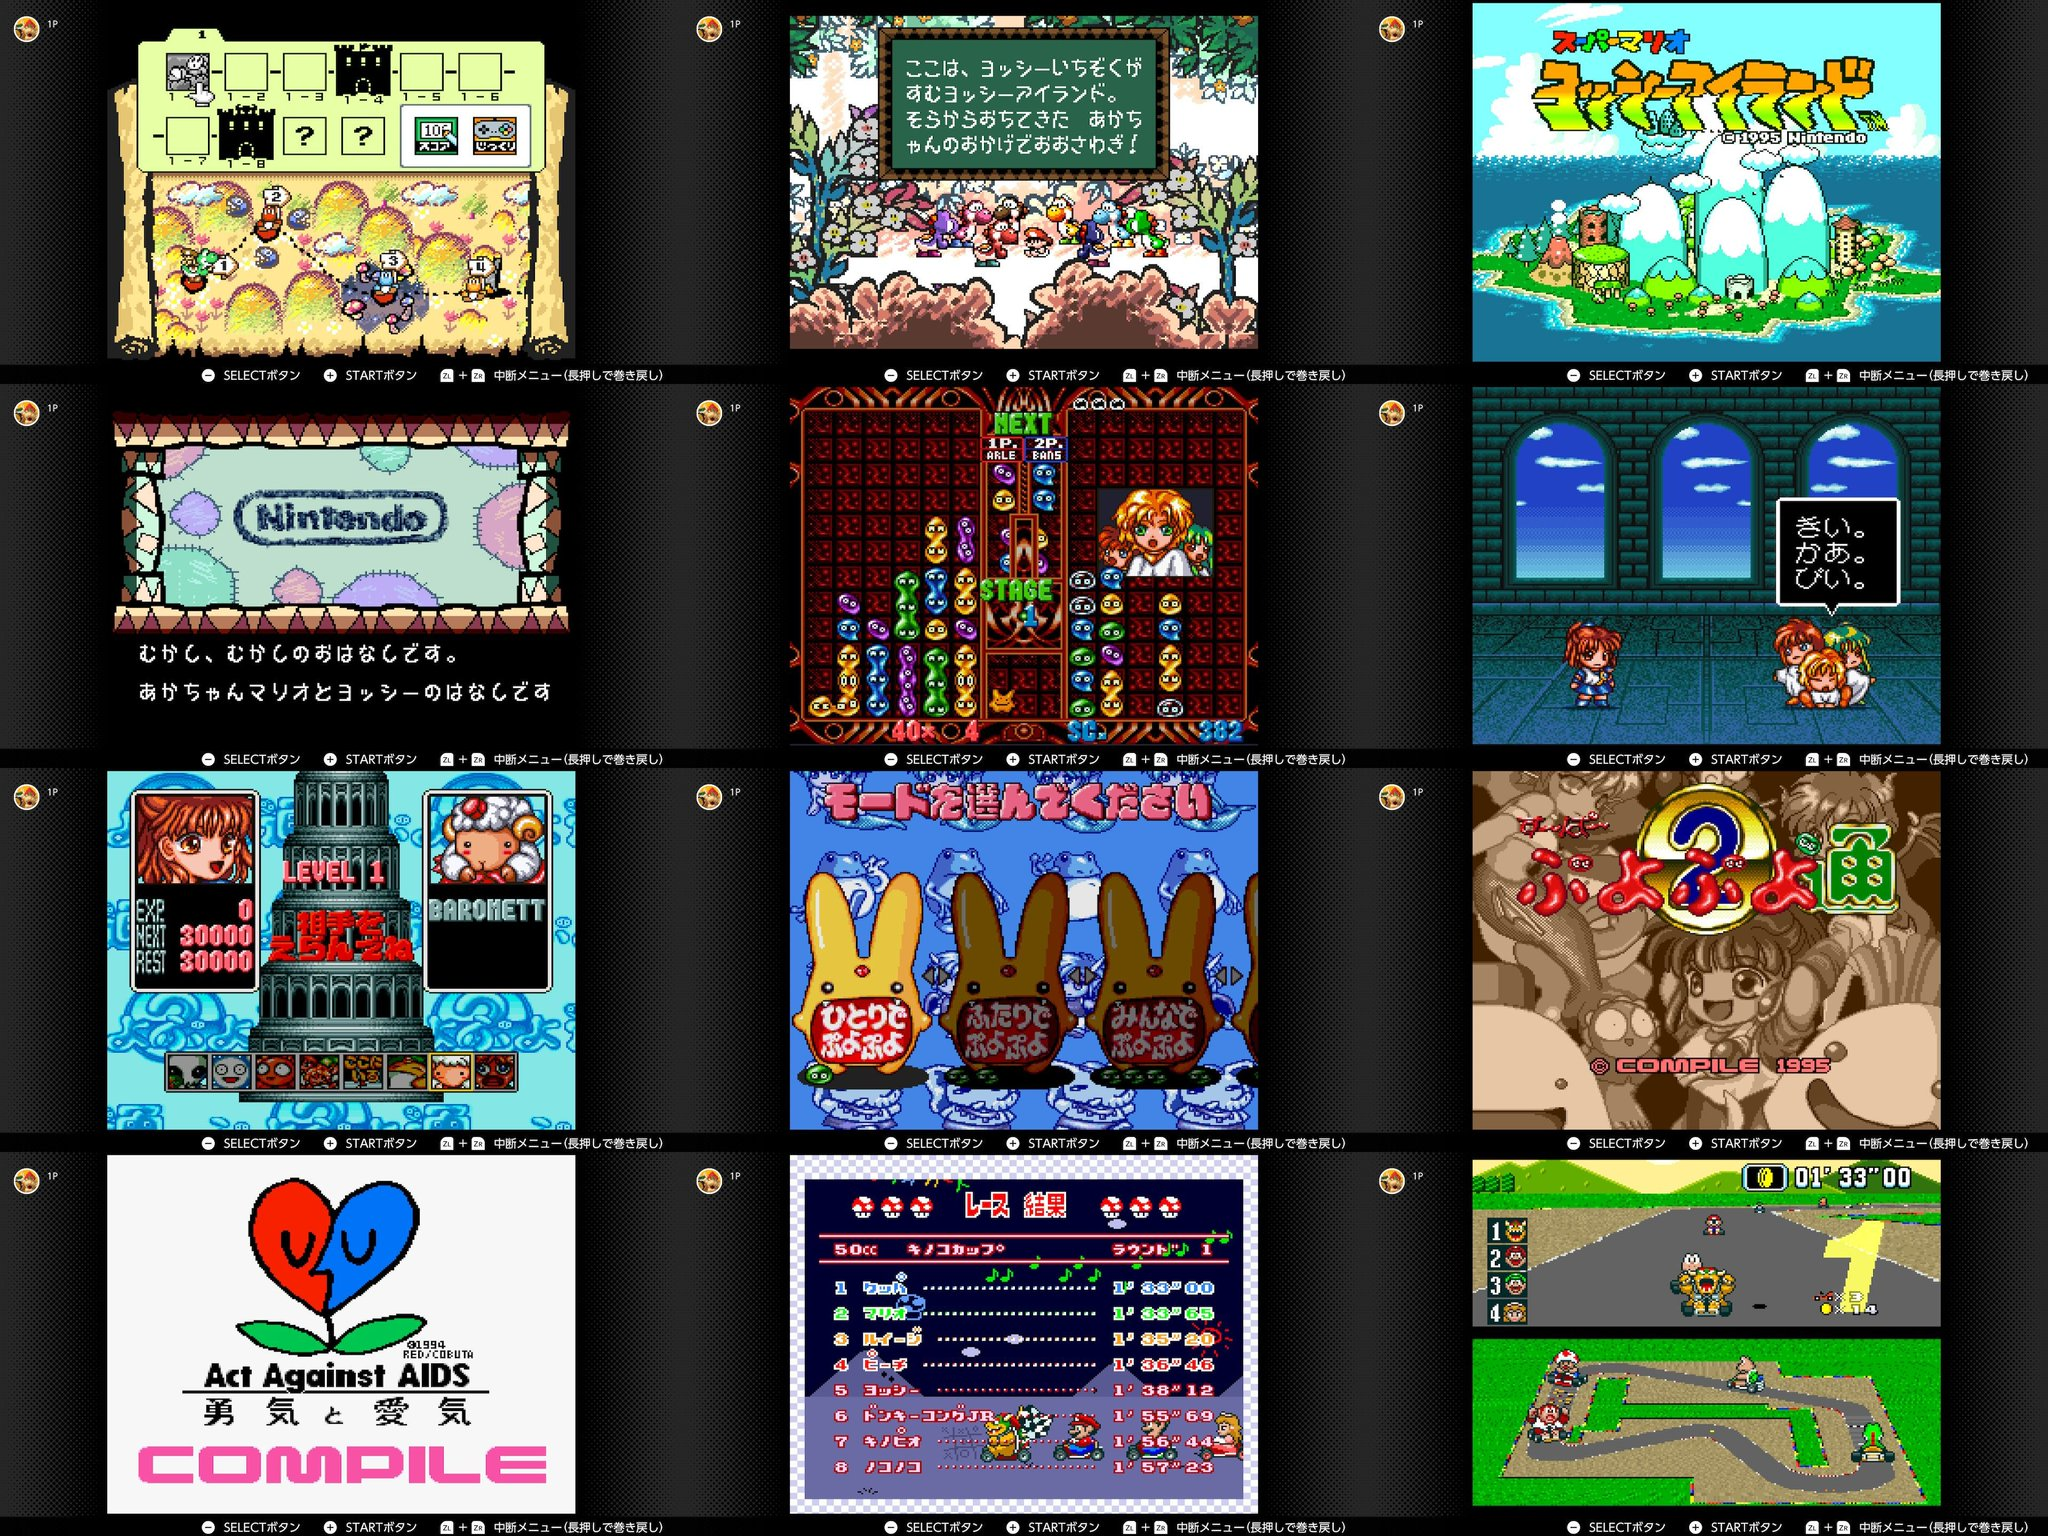 スーパーファミコン Nintendo Switch Online でマリオカートとヨッシーアイランドとぷよぷよ通。どれもはじめて遊ぶ気がする。 #NintendoSwitch https://t.co/ajrGPxYsAI